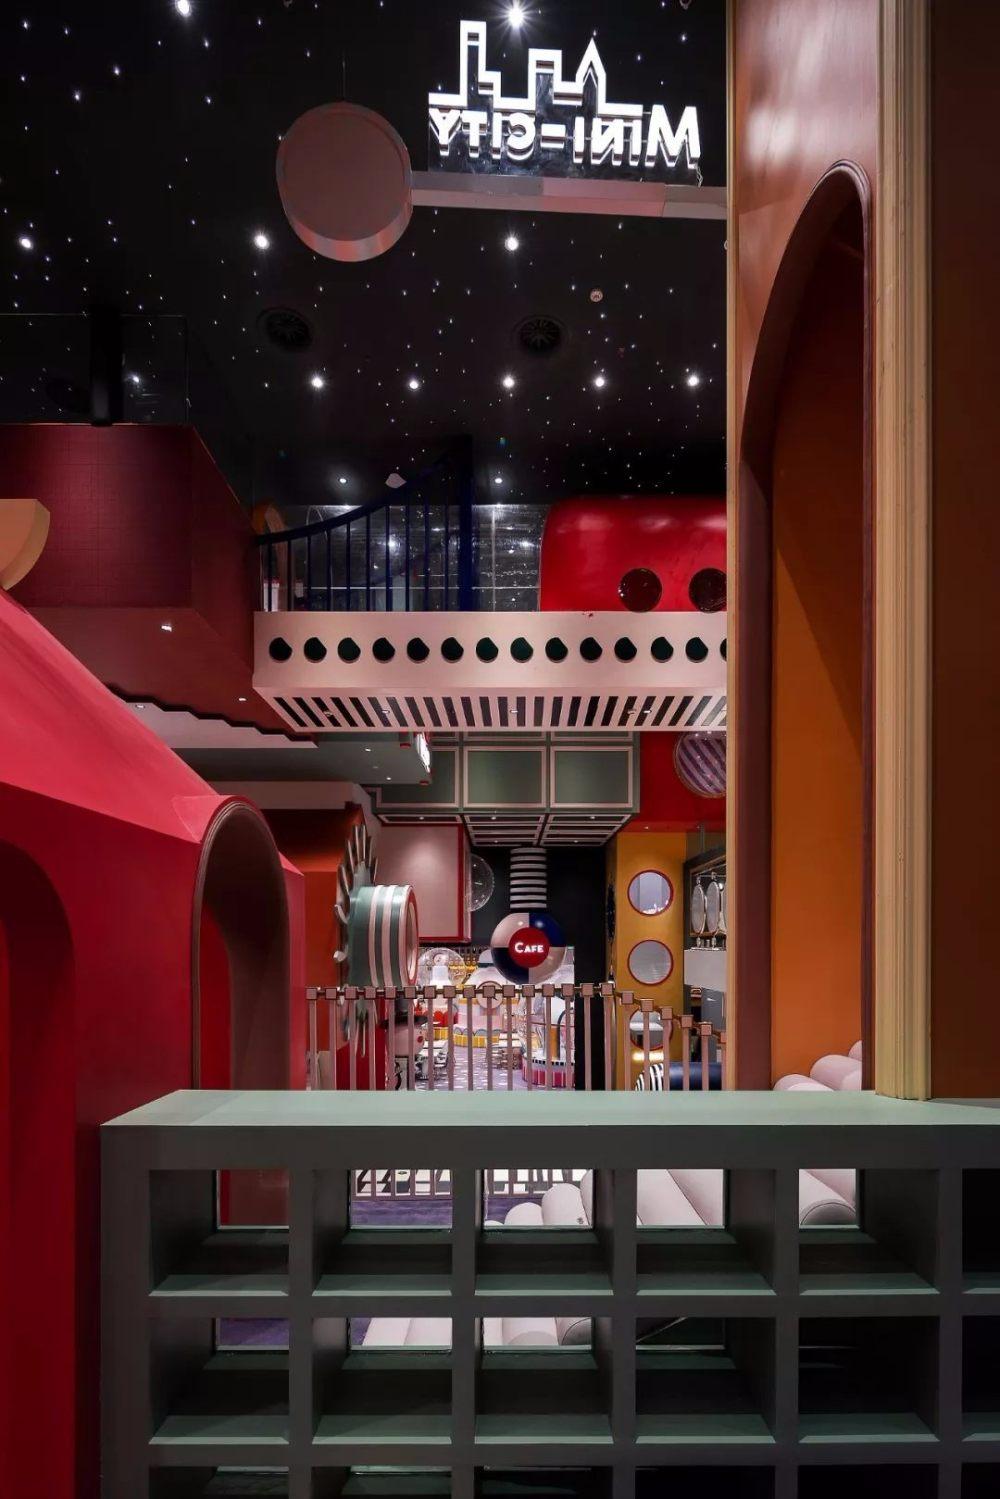 【唯想国际】3100㎡ | 超级童话的秘境星球MELAND CLUB | 86P_【唯想国际】3100㎡超级童话的秘境星球MELANDCLUB62.jpg